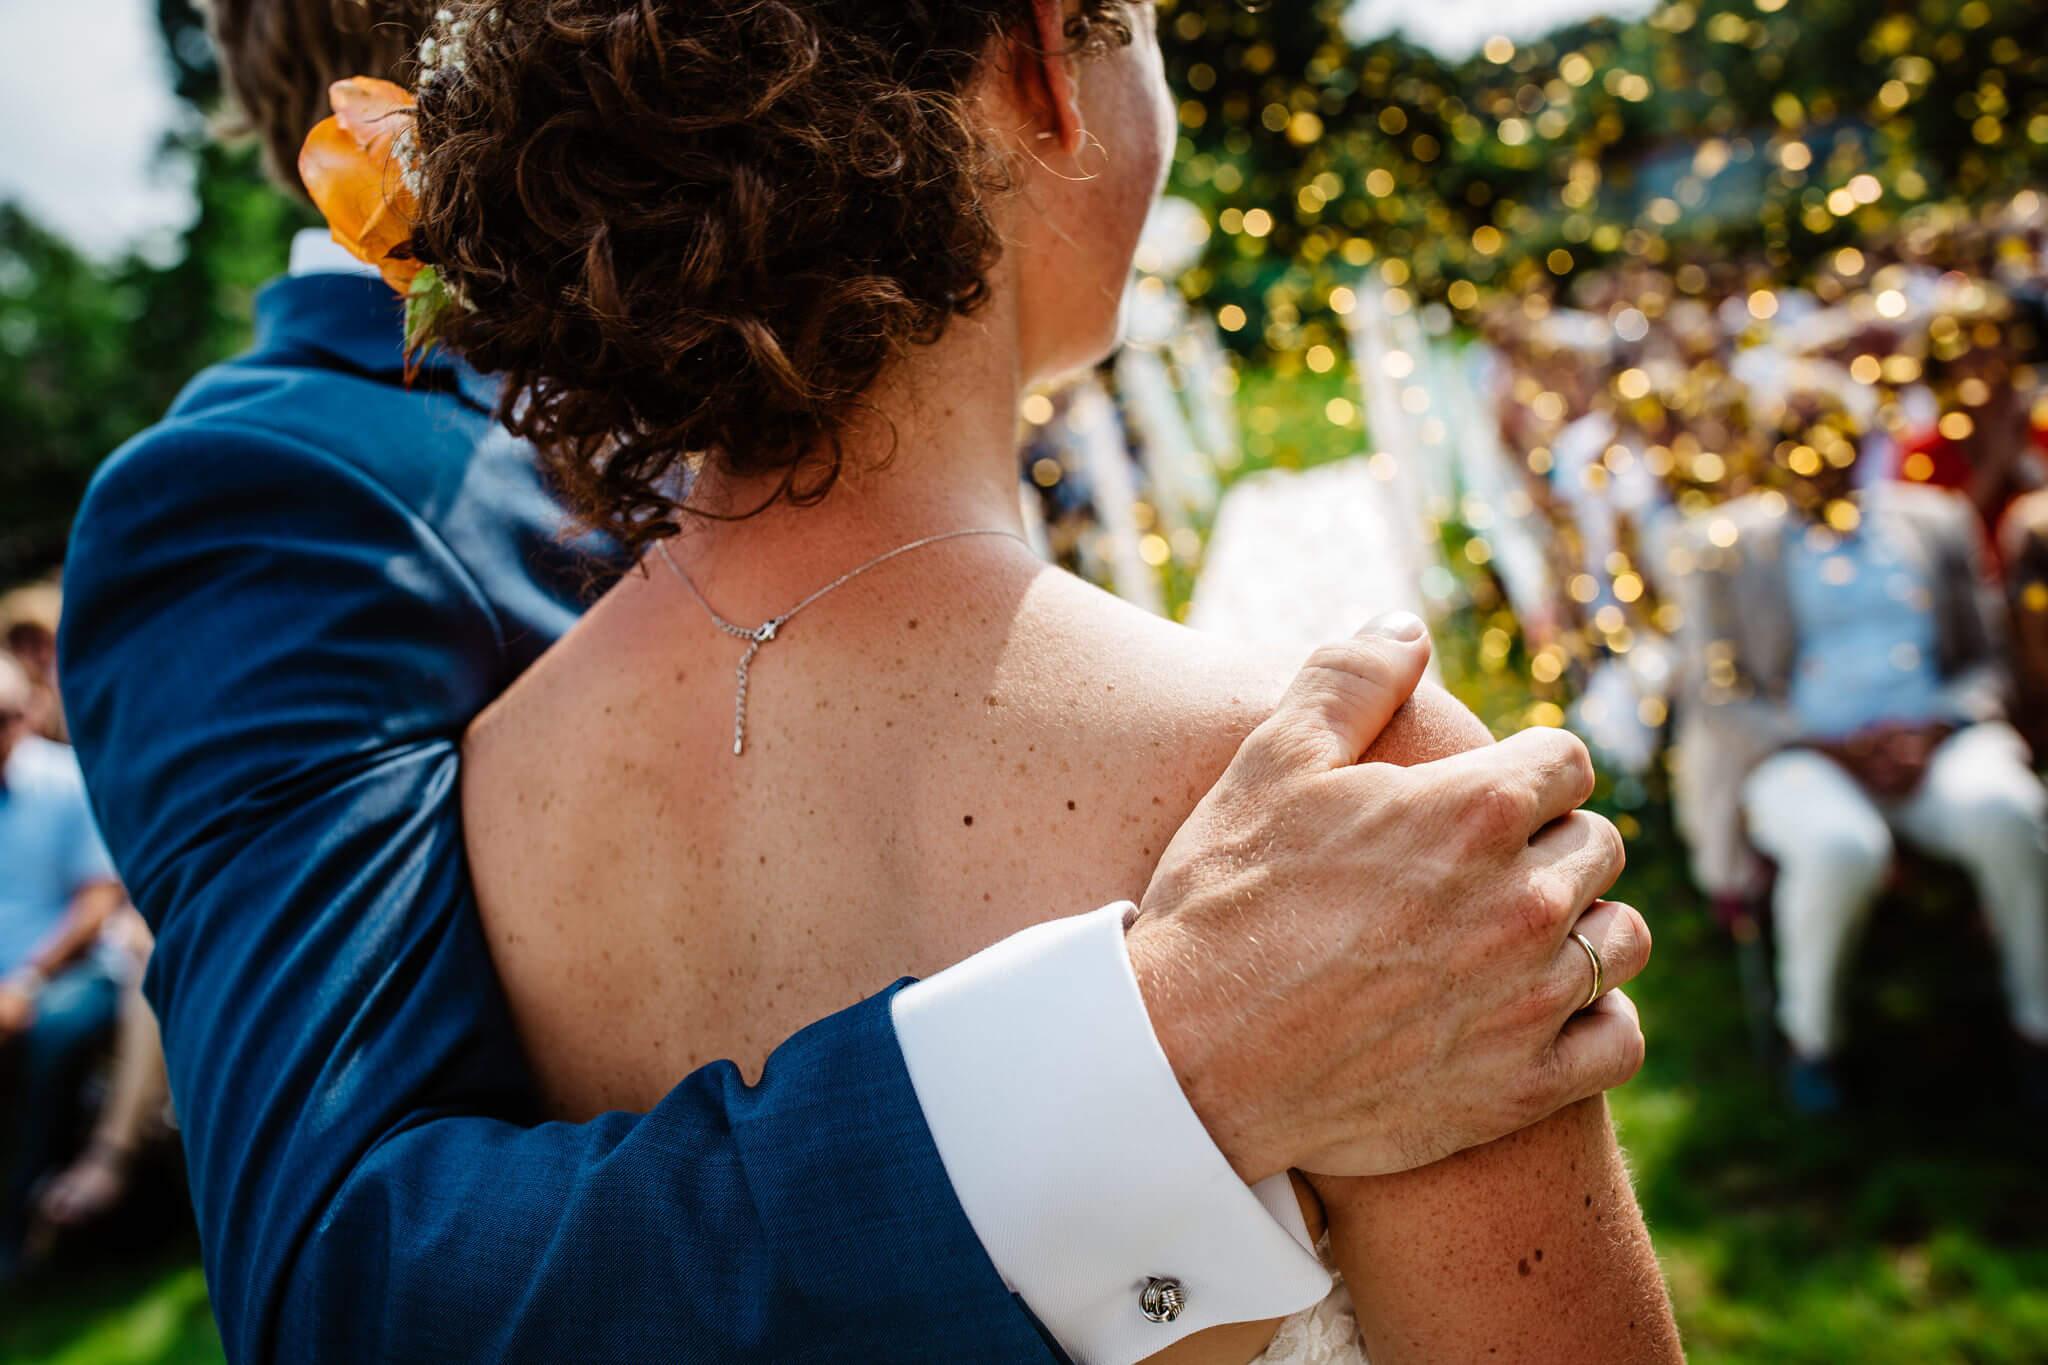 festivalbruiloft-bruidsfotograaf-utrecht-19.jpg